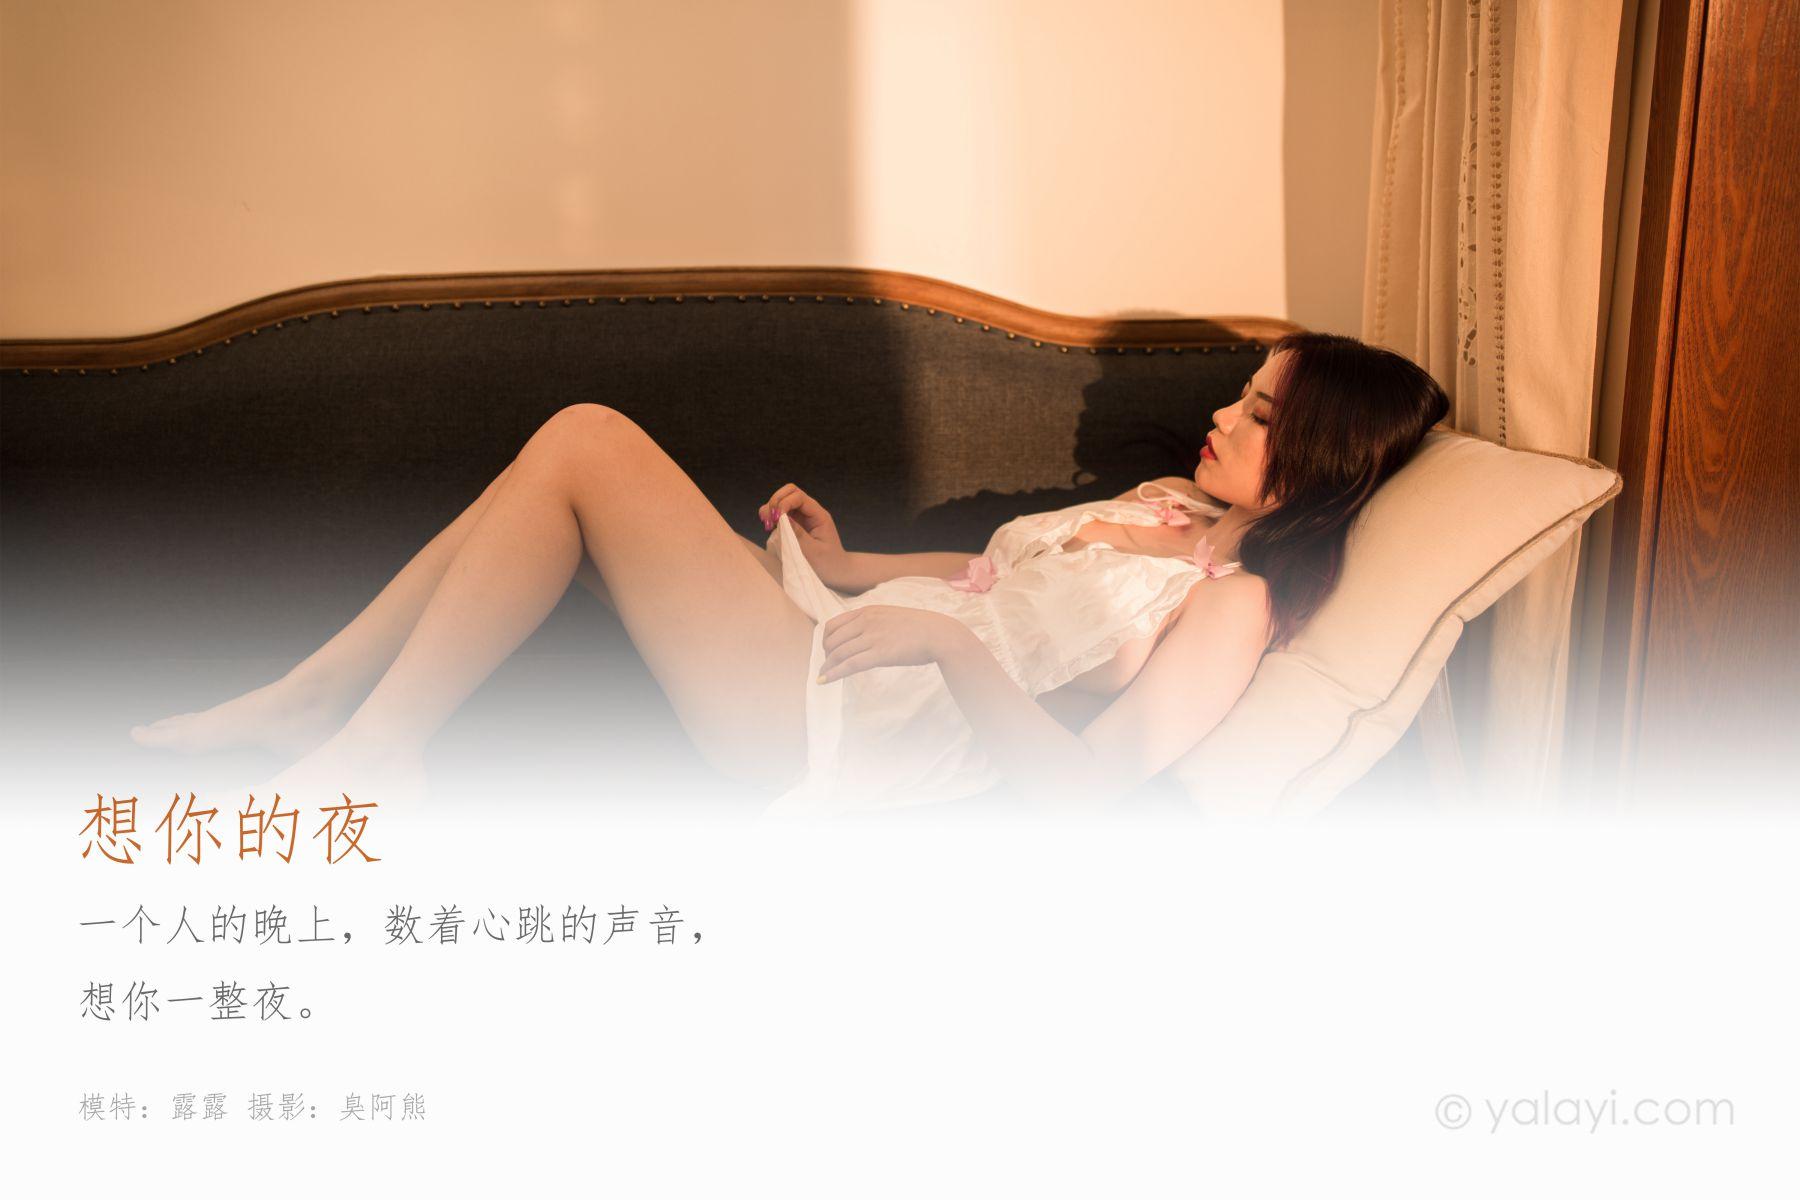 露露, YaLaYi雅拉伊 Vol.558 Lu Lu, YaLaYi雅拉伊 Vol.558, Lu Lu